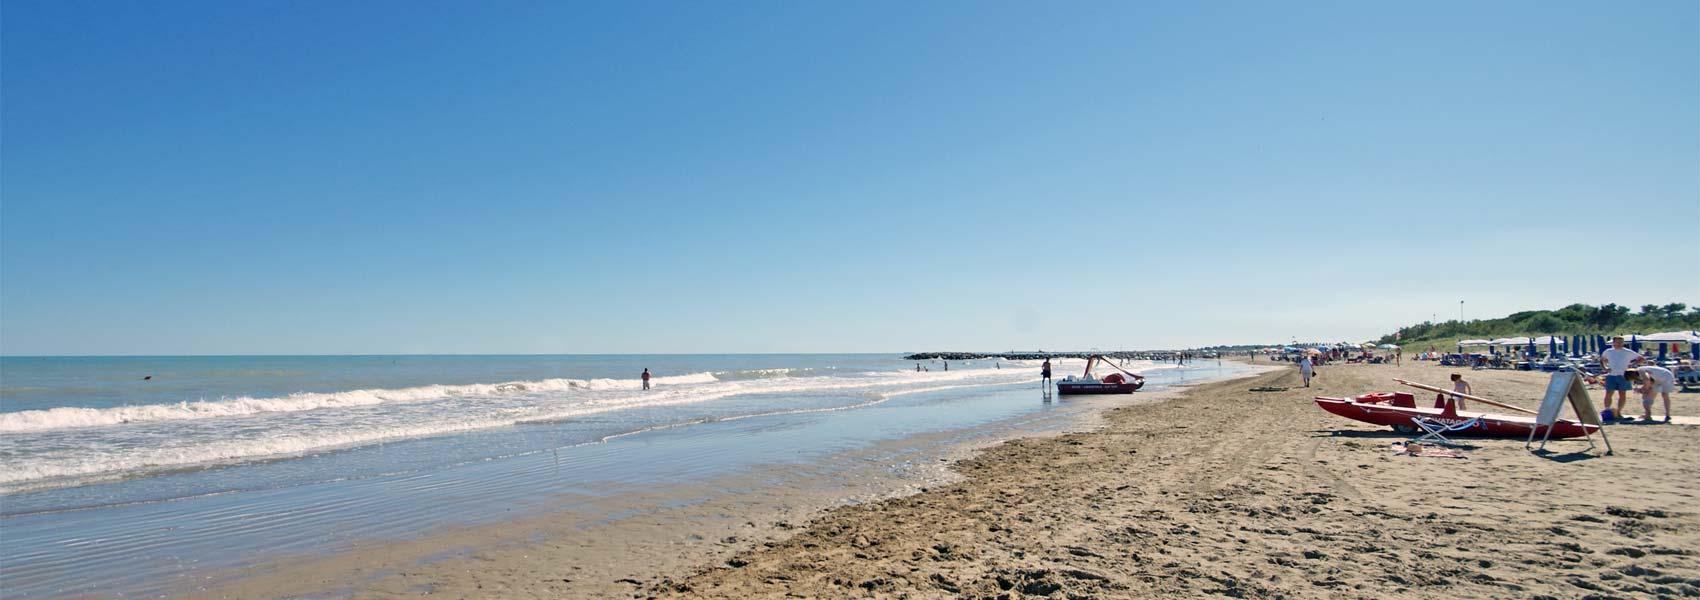 02_Spiaggia